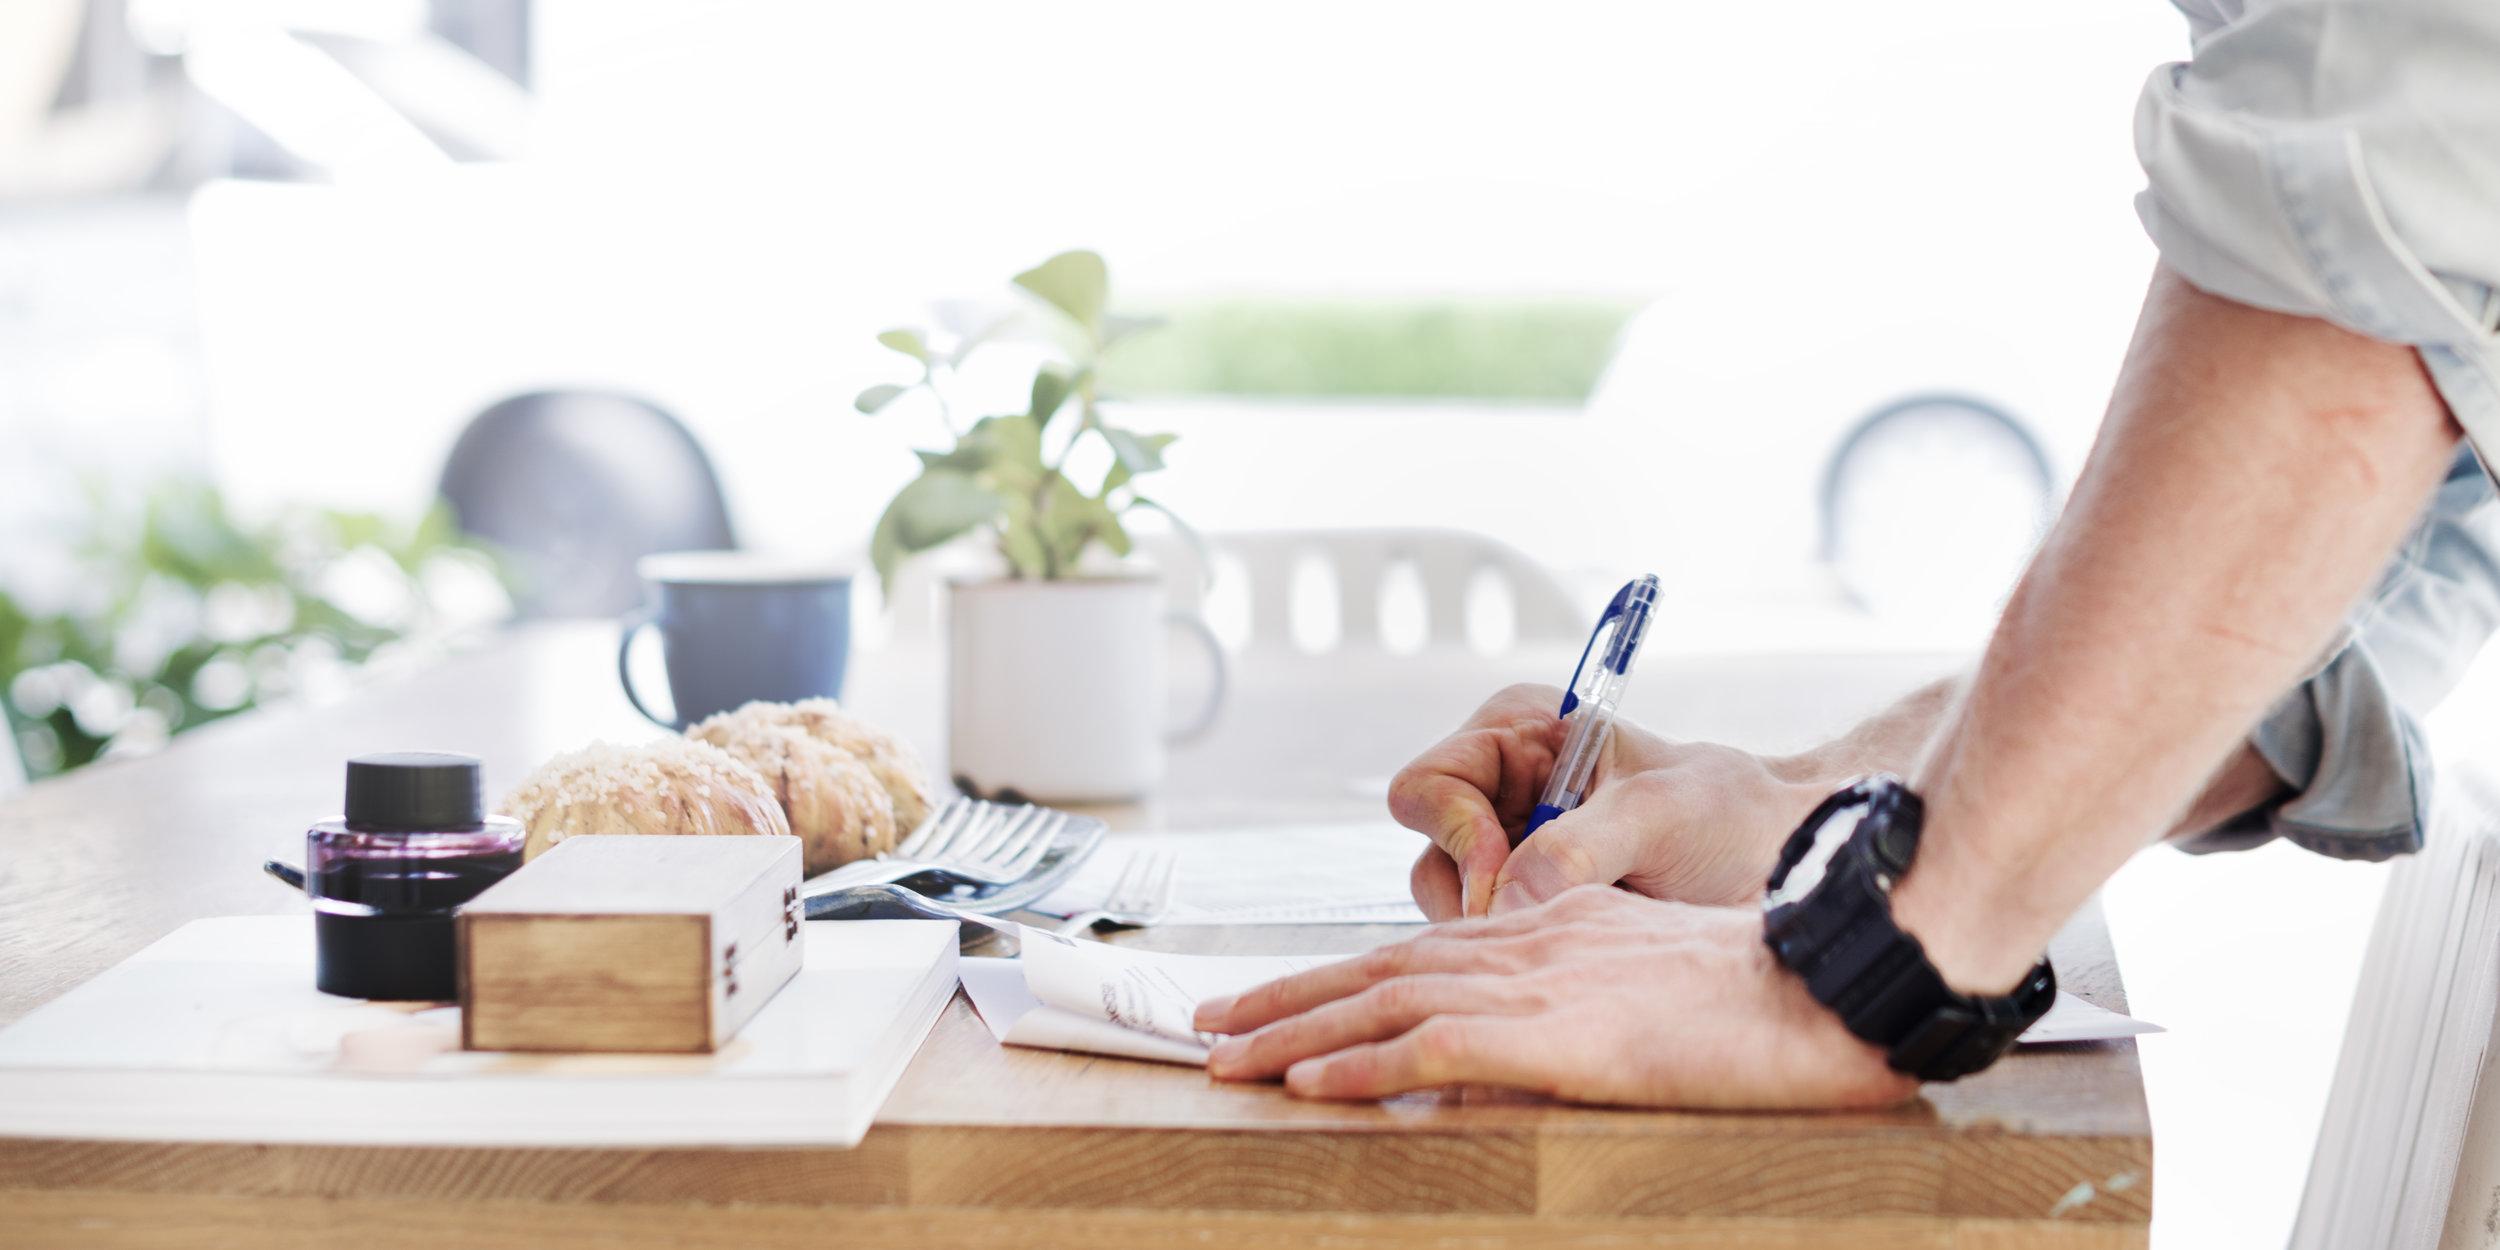 Man writing at desk